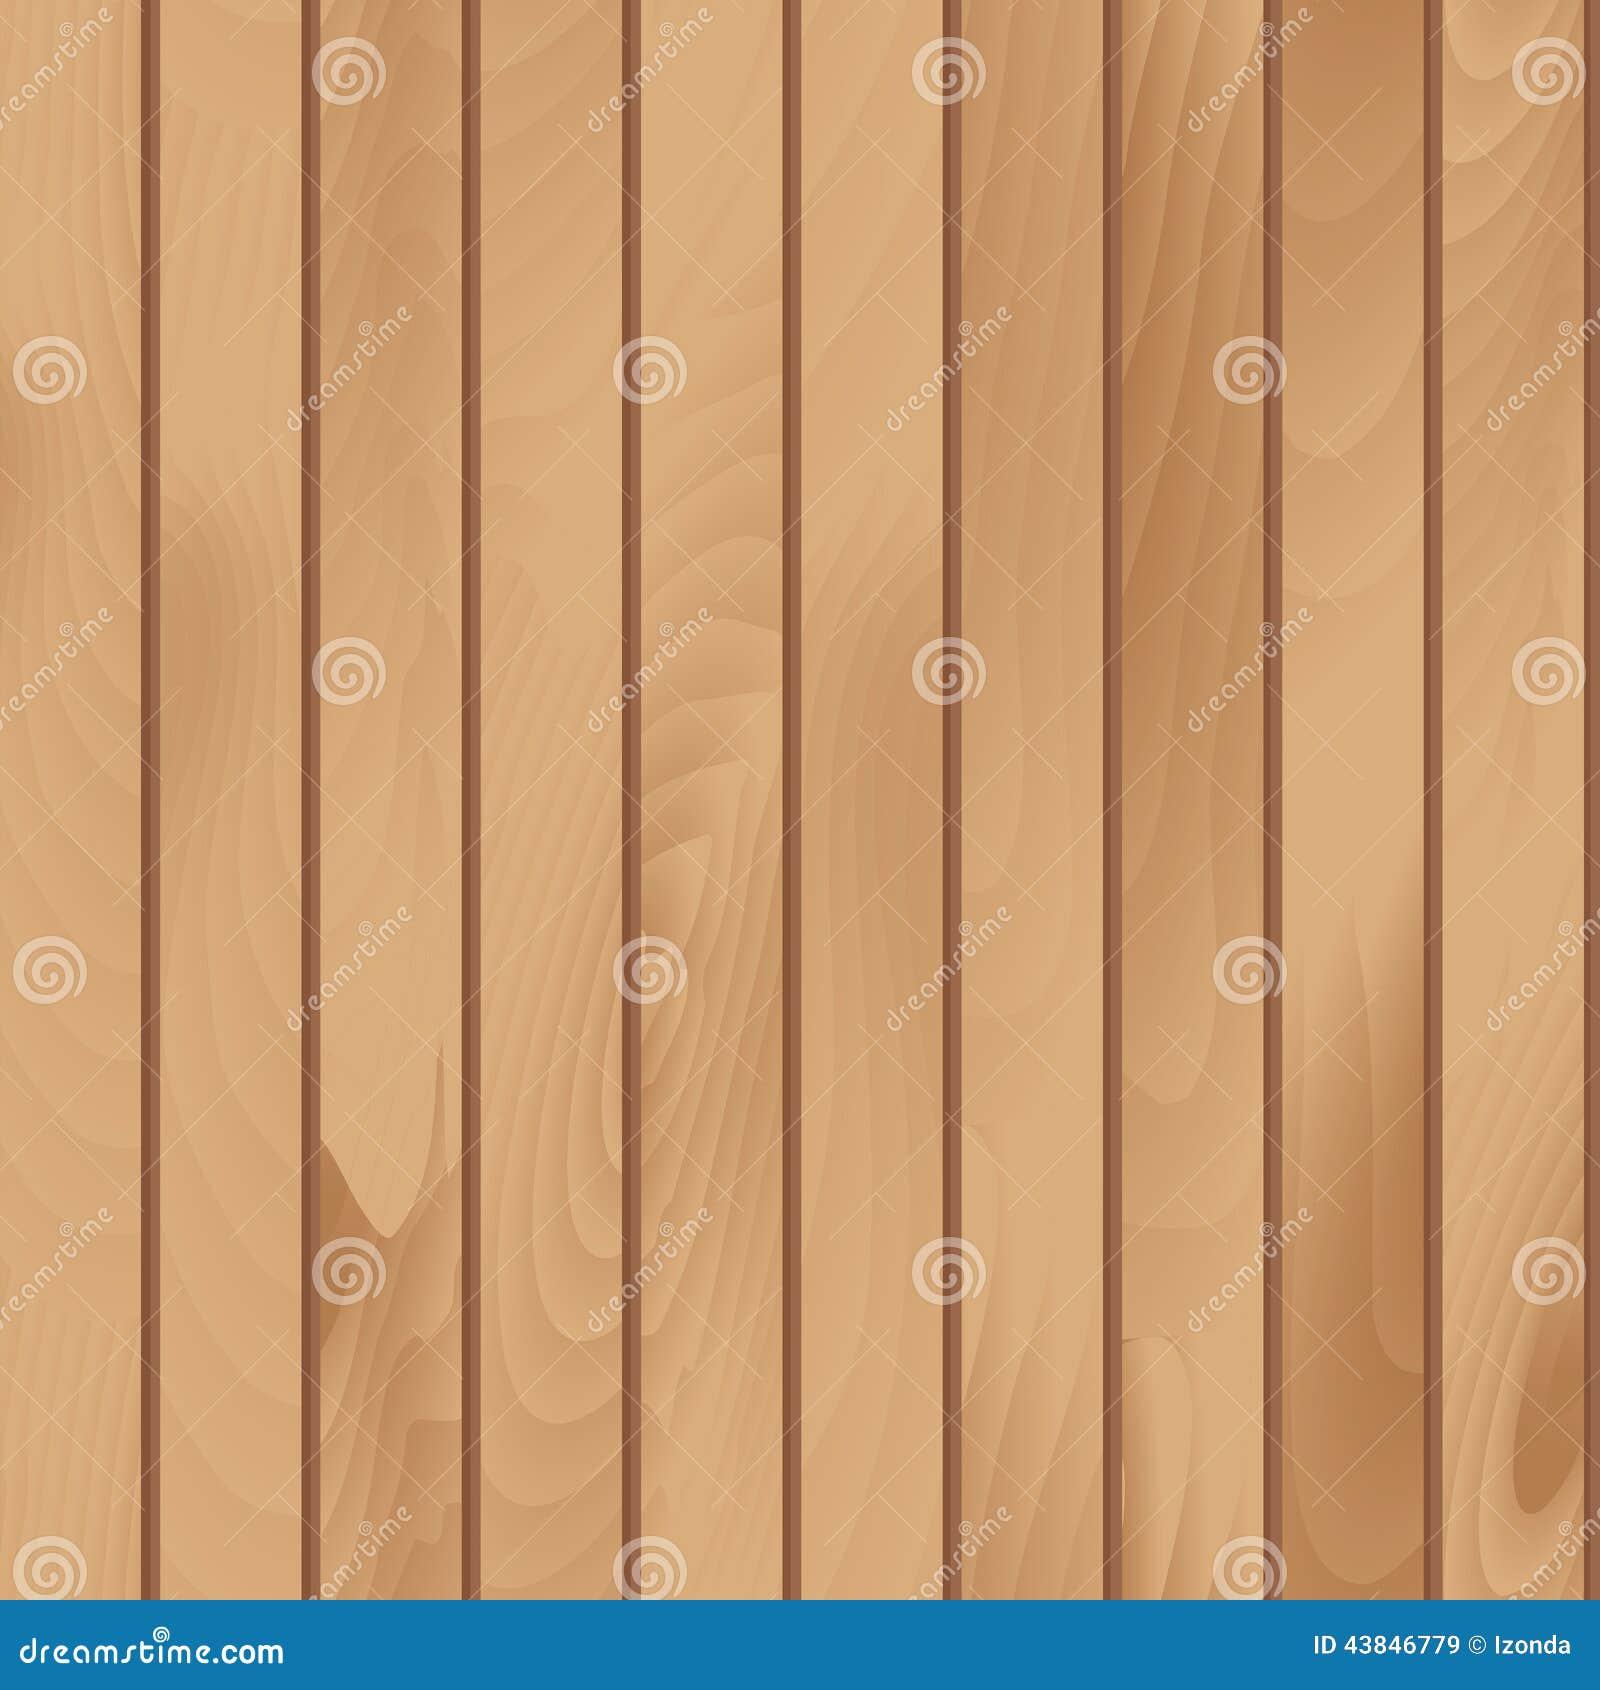 Wooden Plank Texture Vector Seamless Illustration Stock